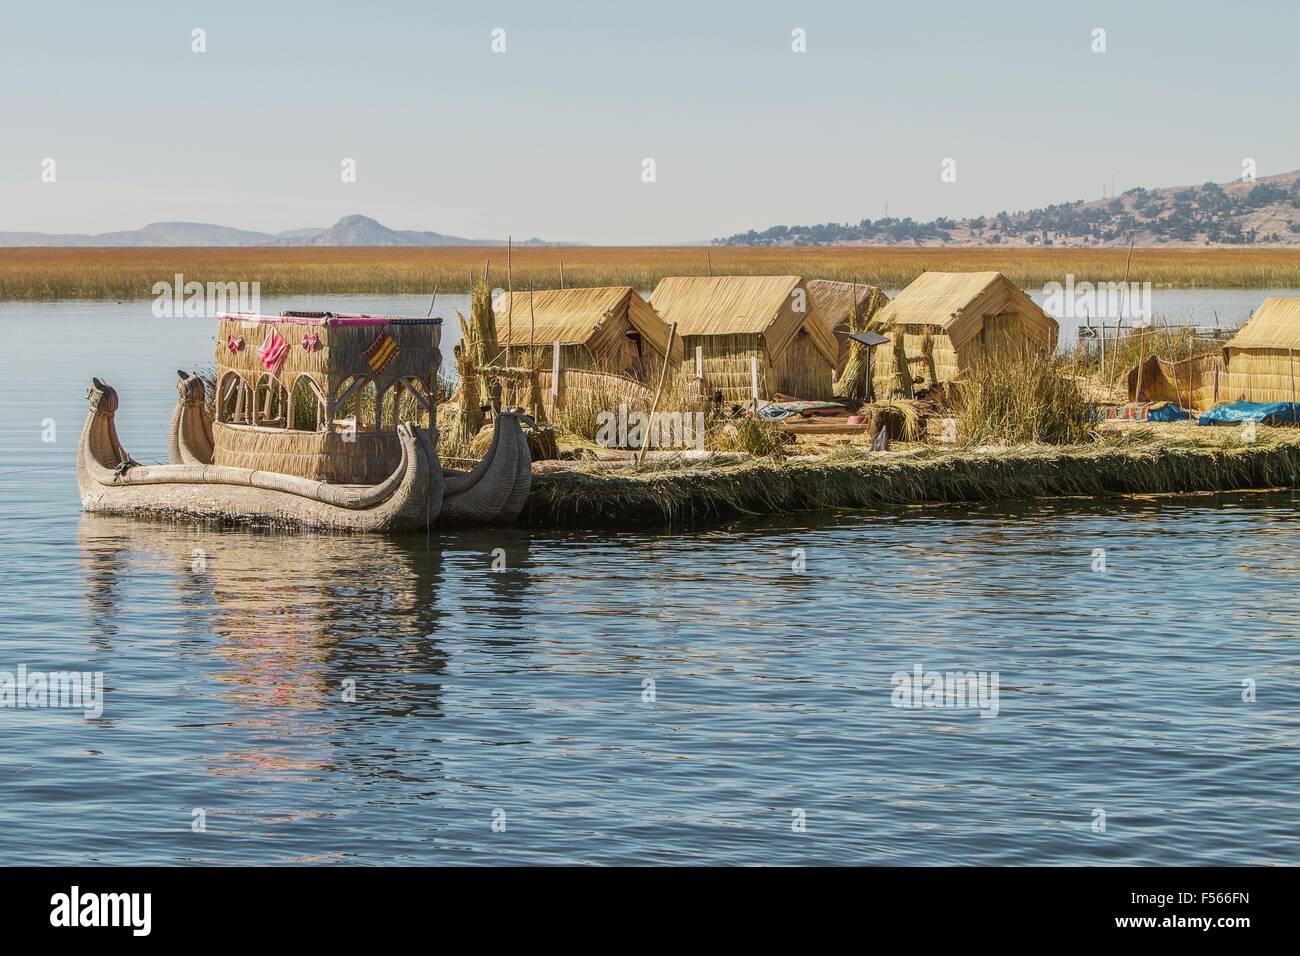 Vista de la isla flotante de los Uros, Lago Titicaca, Perú, Bolivia y reed barco con su reflexión. Imagen De Stock